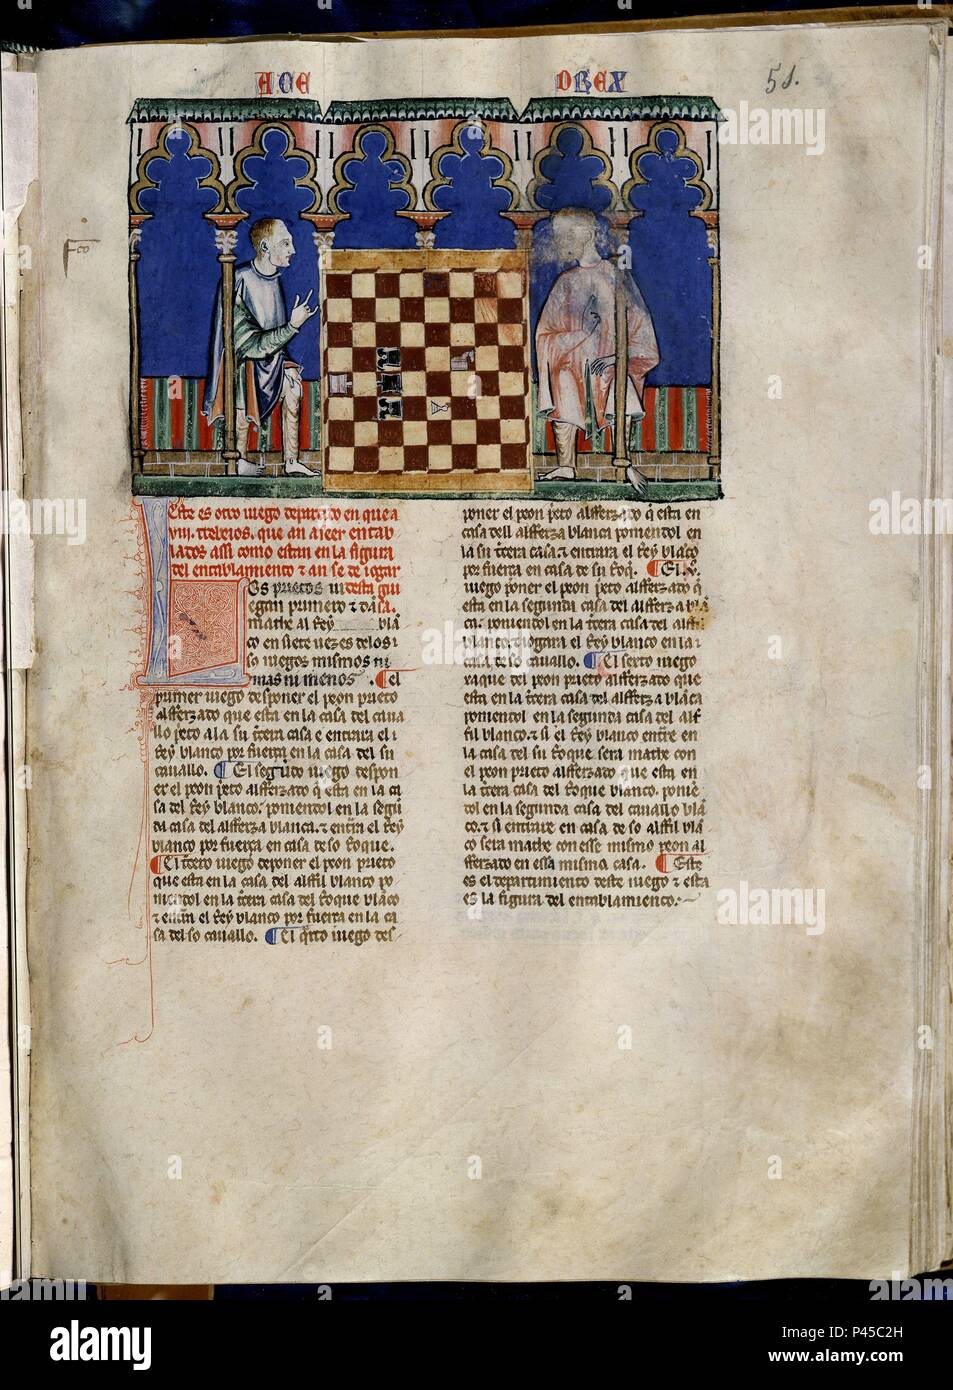 LIBRO DE JUEGOS O LIBRO DEL AJEDREZ DADOS Y TABLAS - 1283 - FOLIO 51R - DOS HOMBRES JUGANDO AL AJEDREZ - MANUSCRITO GOTICO. Author: Alfonso X of Castile the Wise (1221-1284). Location: MONASTERIO-BIBLIOTECA-COLECCION, SAN LORENZO DEL ESCORIAL, MADRID, SPAIN. - Stock Image